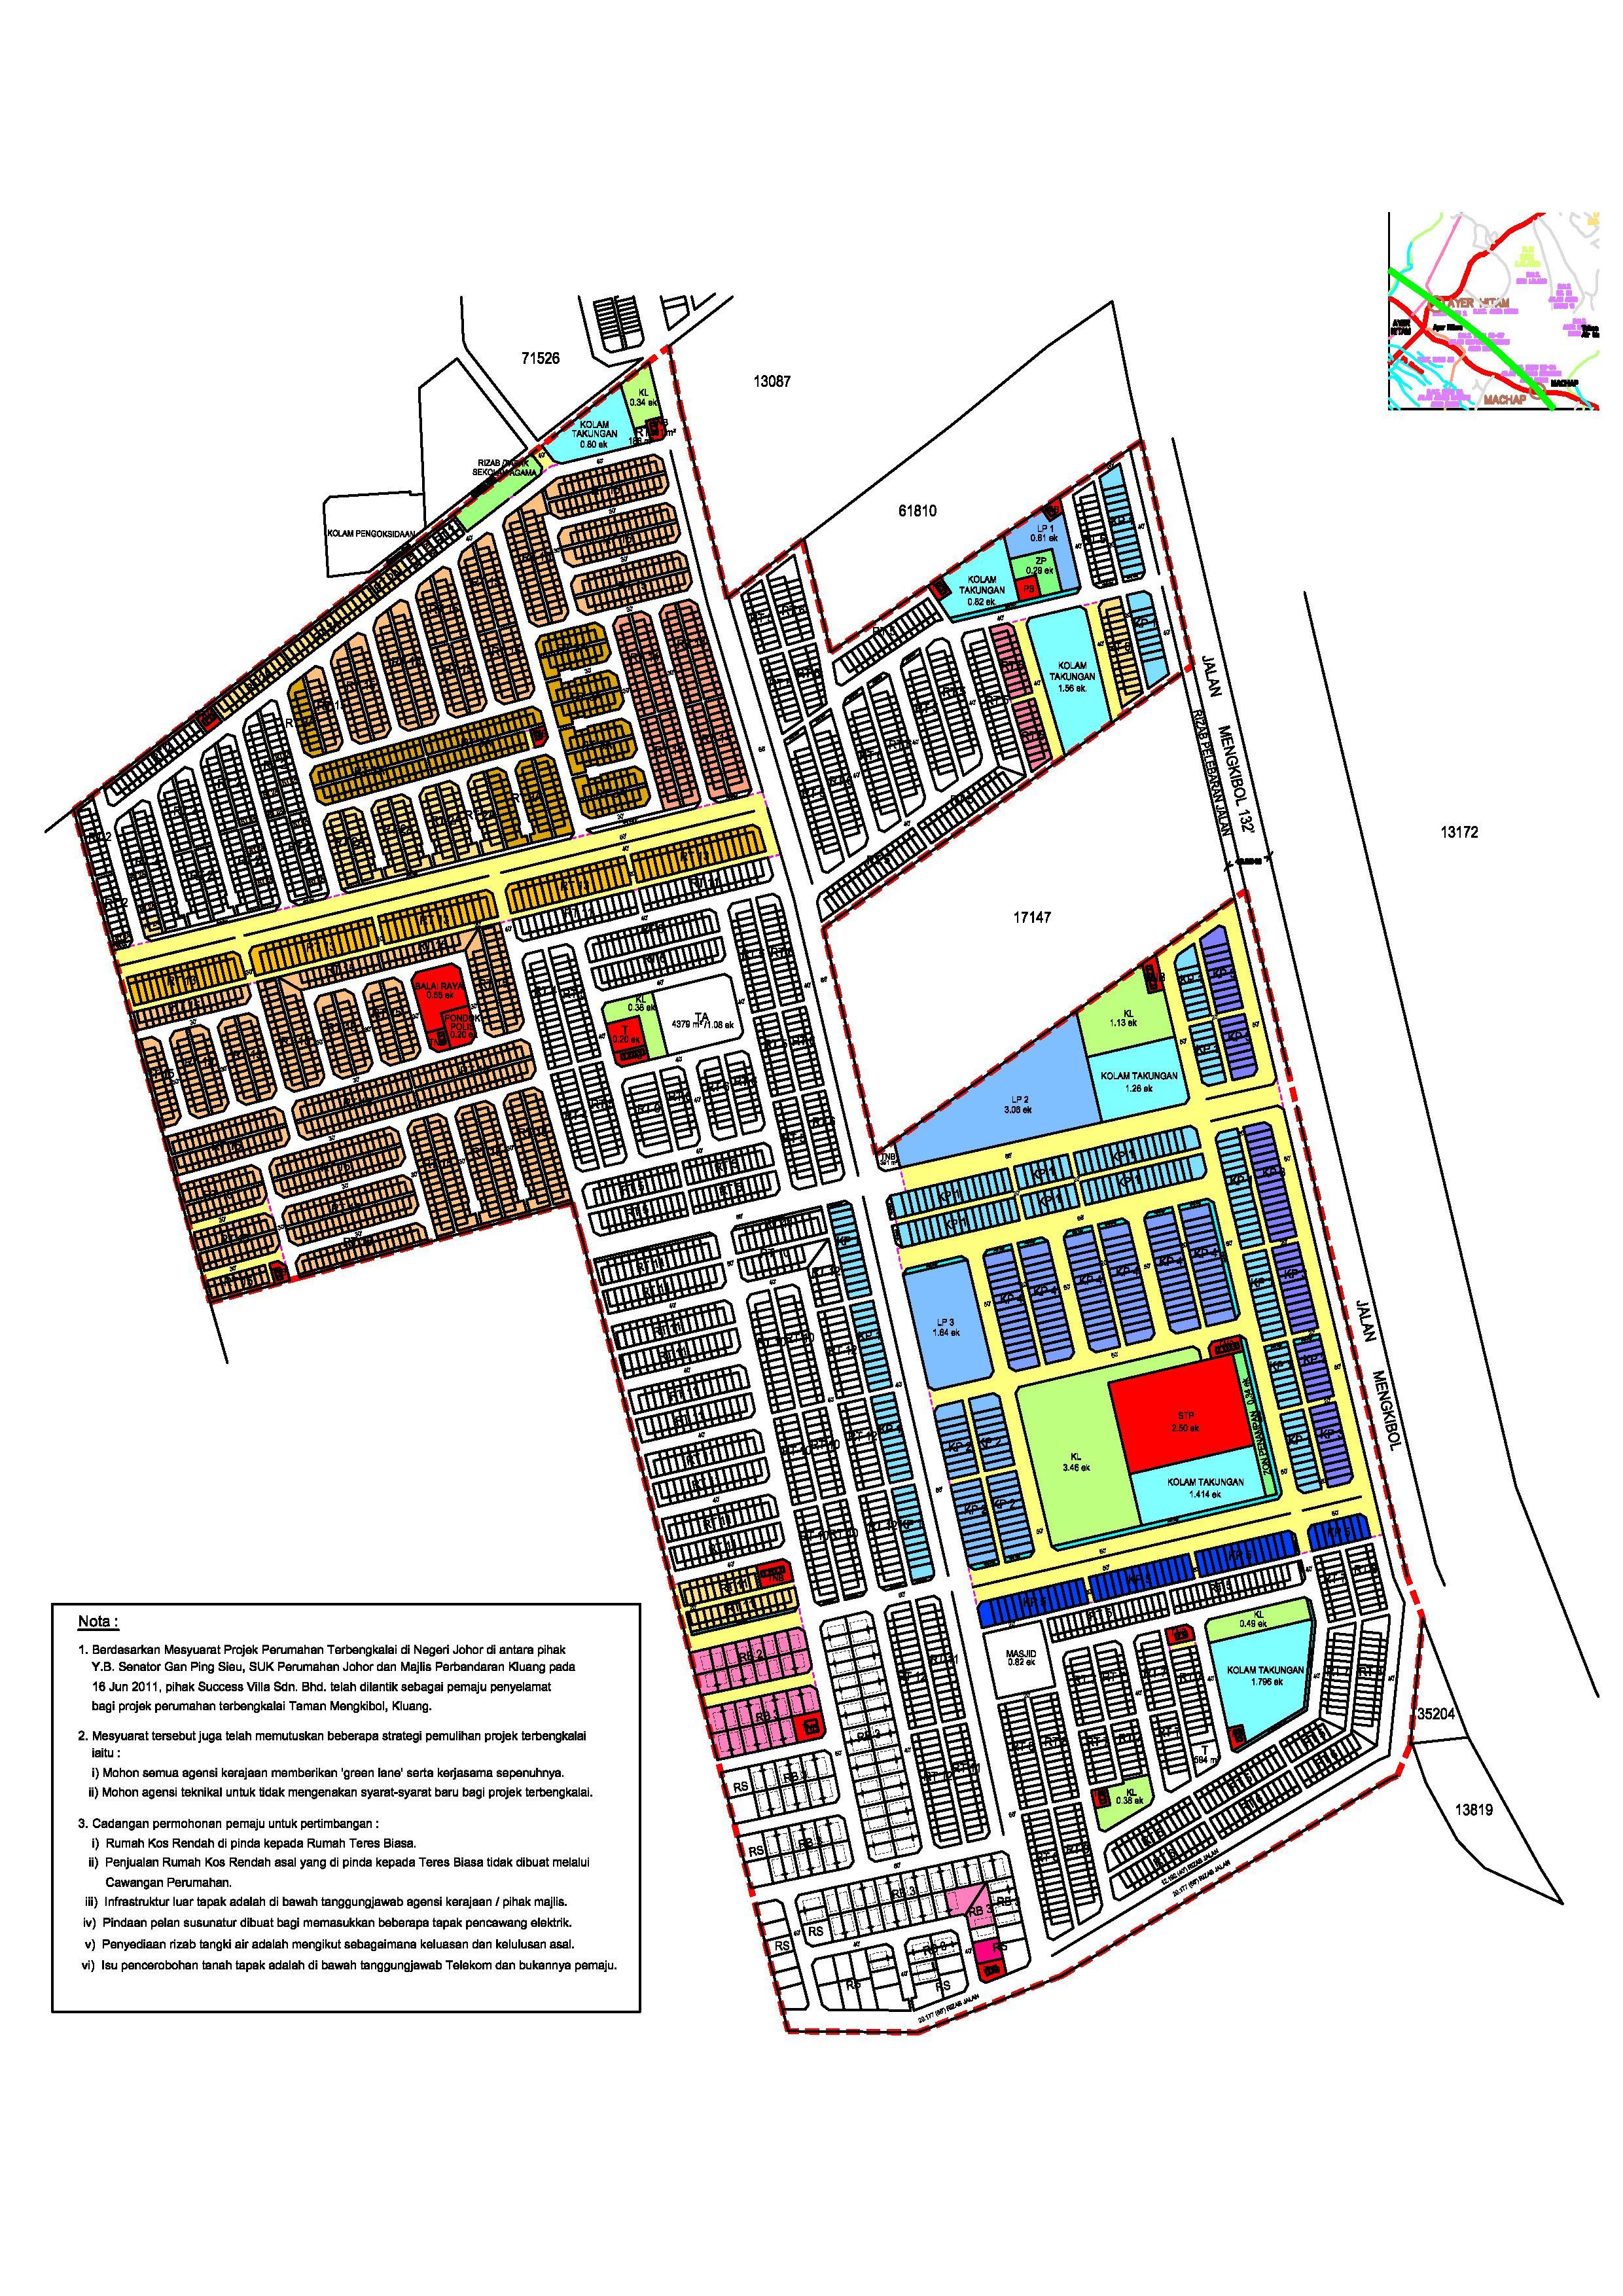 https://www.ksl.my/assets_user/property_masterplan/ksl_2019-09-20918.jpg